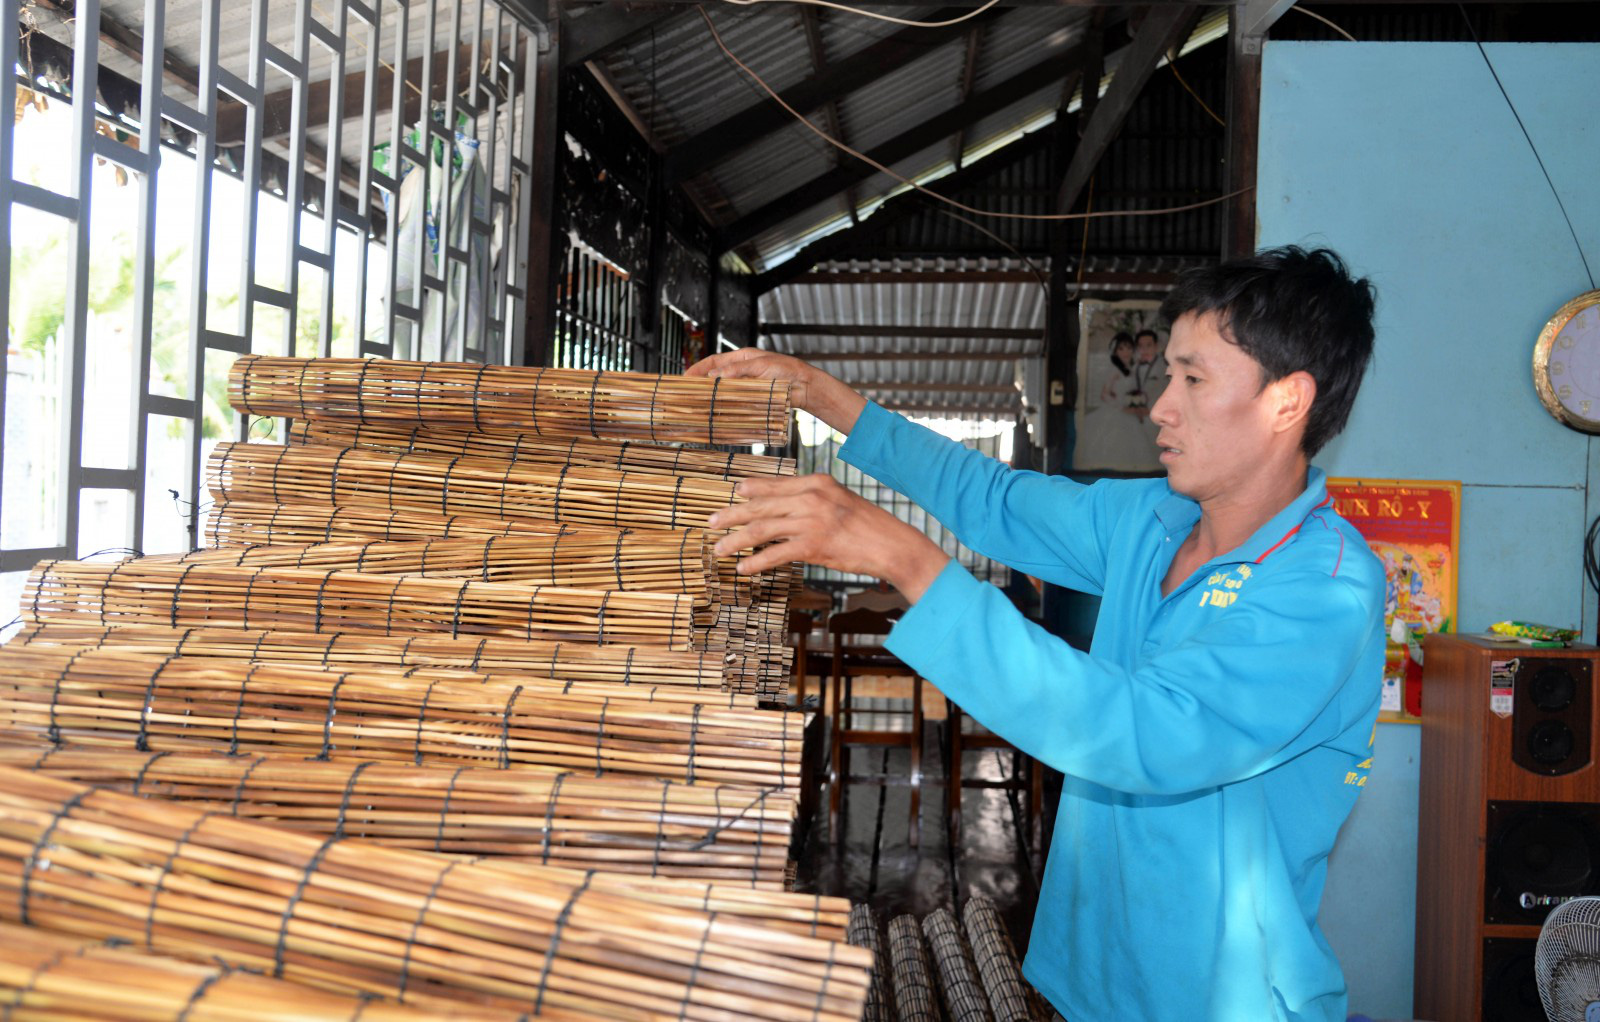 An Giang: Cả làng này với hơn 700 người dân tập nập đan lọp bắt lươn đồng, bán chạy nhất là mùa nước nổi - Ảnh 1.